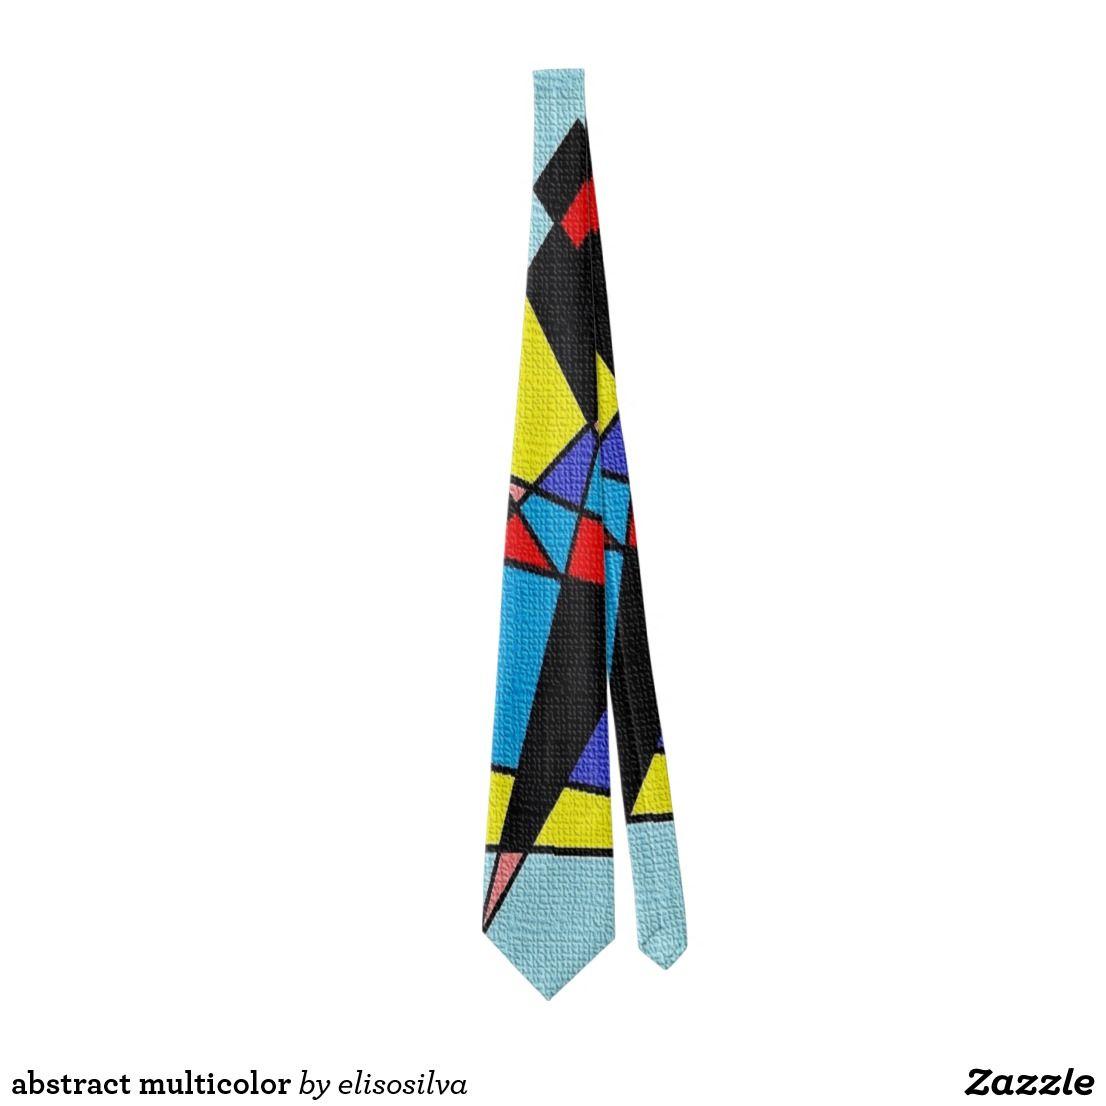 Corbata abstract multicolor | Zazzle.es | Accesorios para